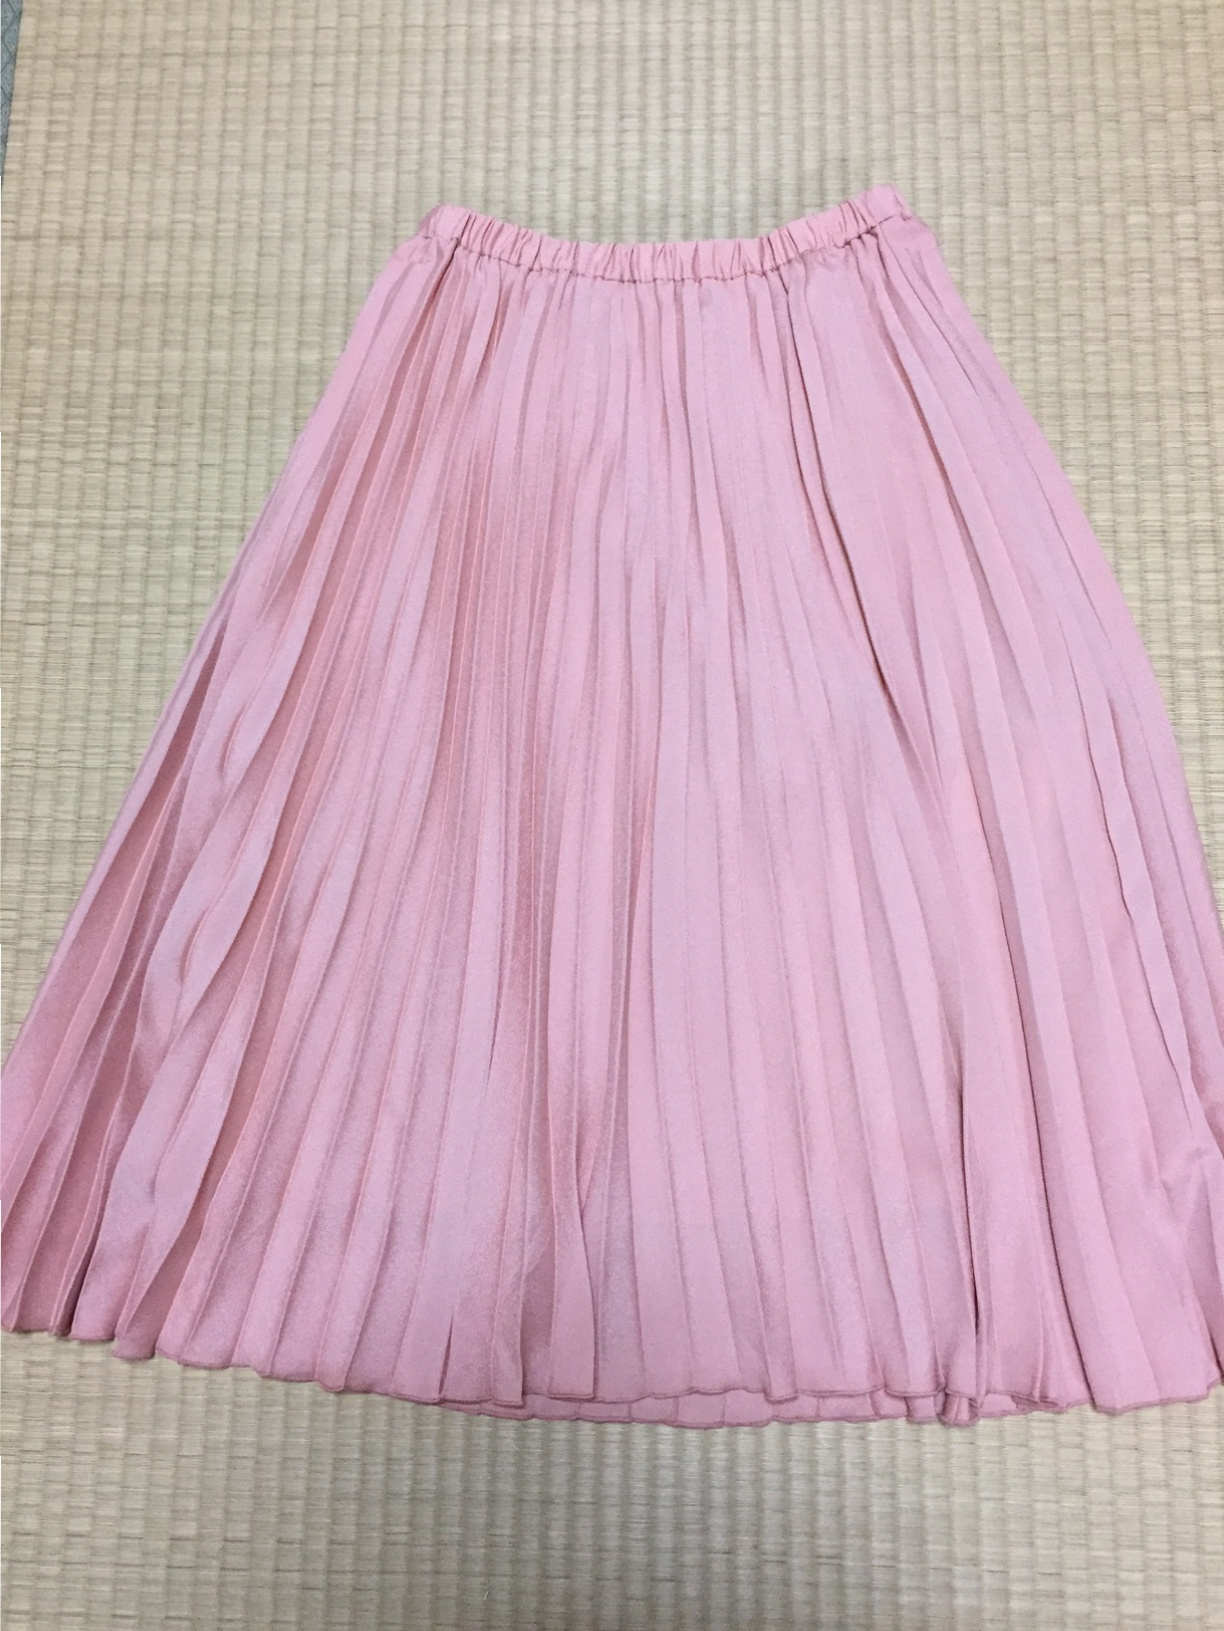 私が取り入れる「きれい色」アイテムはコレ!around27もピンクに挑戦しやすいコツ★_1